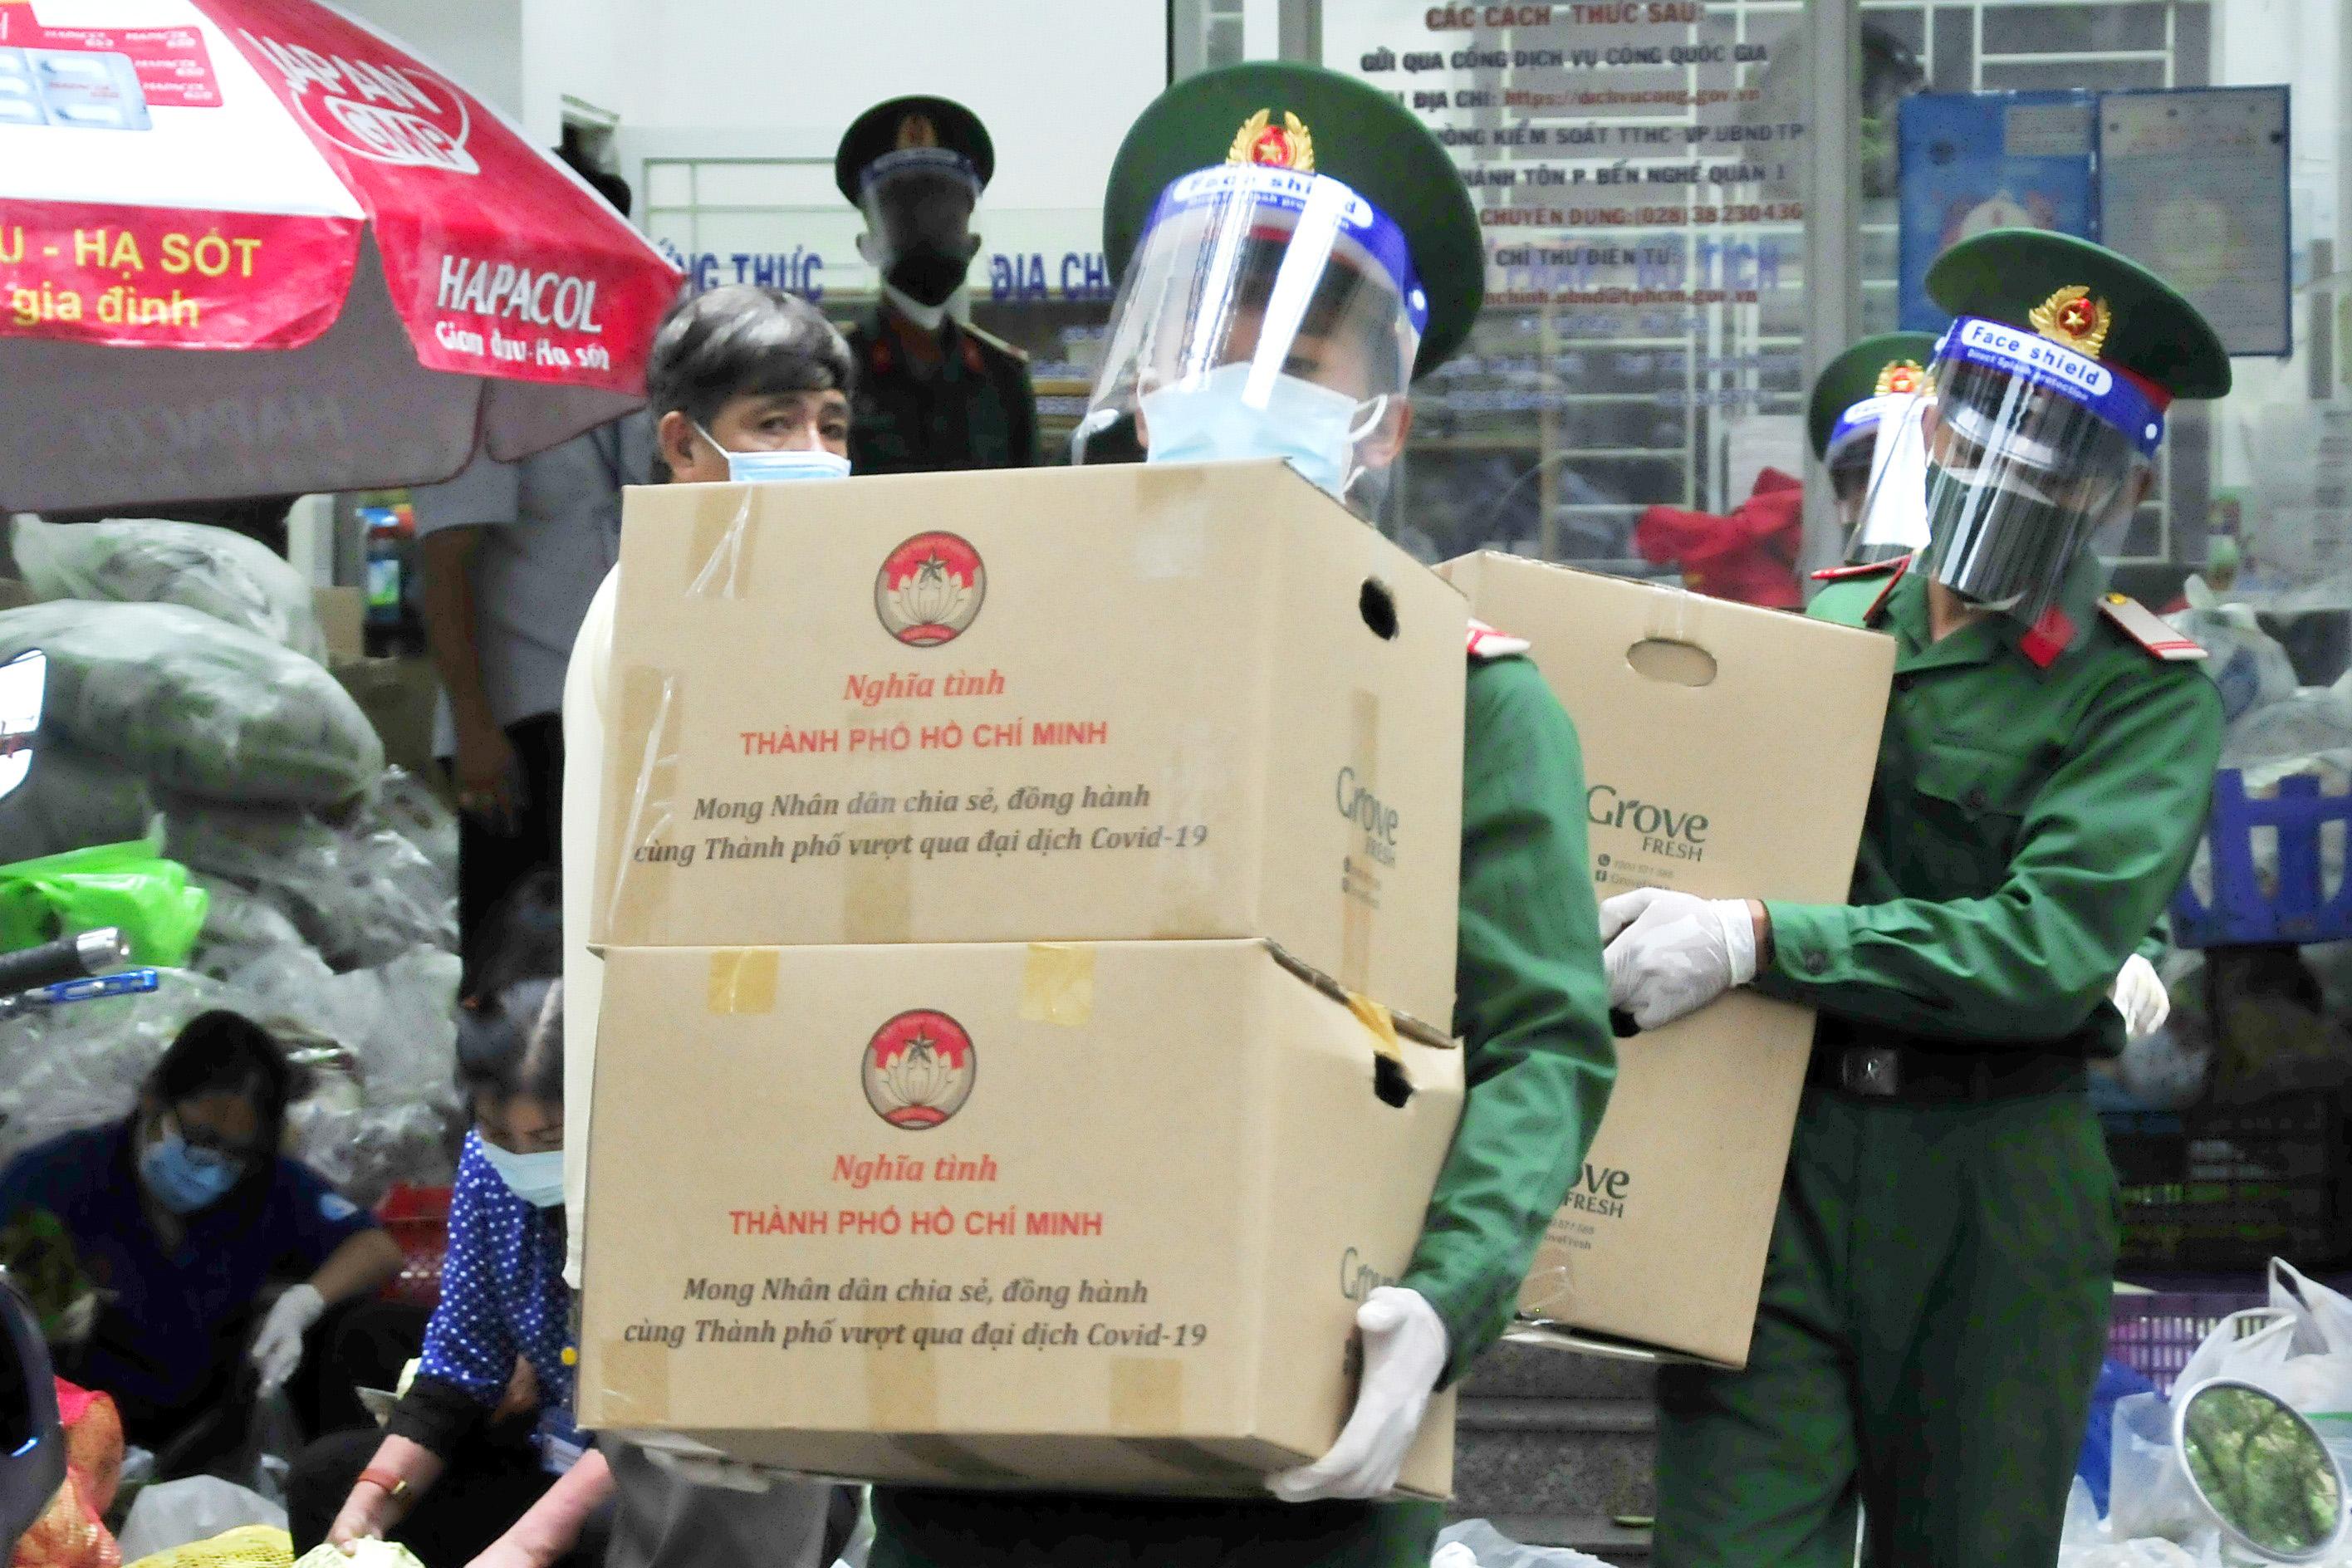 Bộ đội tận tình hỗ trợ người dân nơi tâm dịch